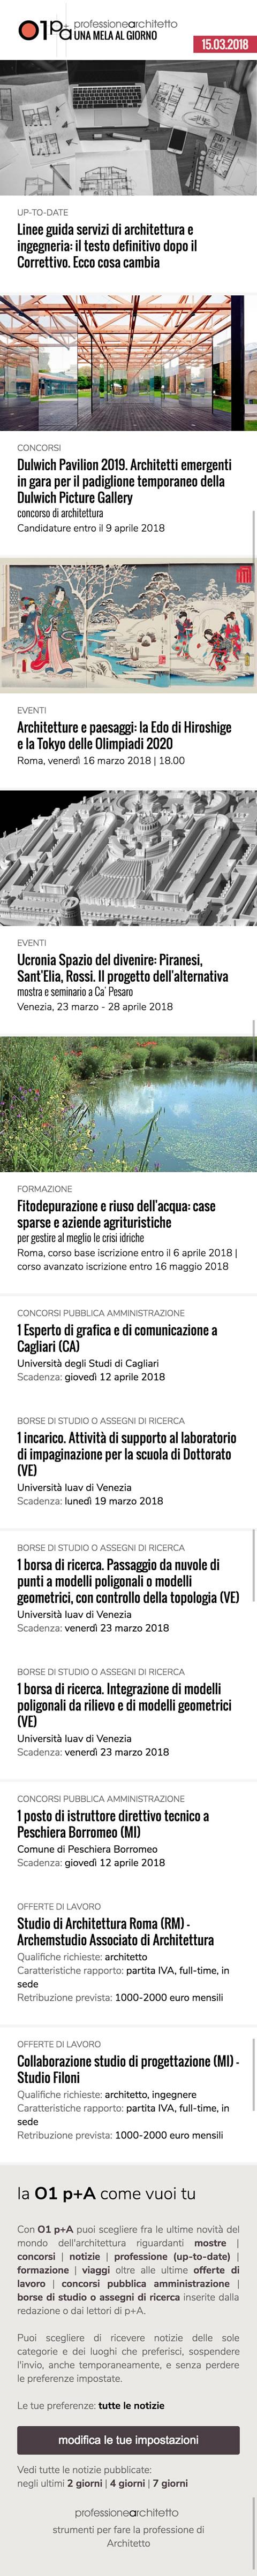 Offerte Lavoro Architetto Treviso 01 professione architetto - una mela al giorno